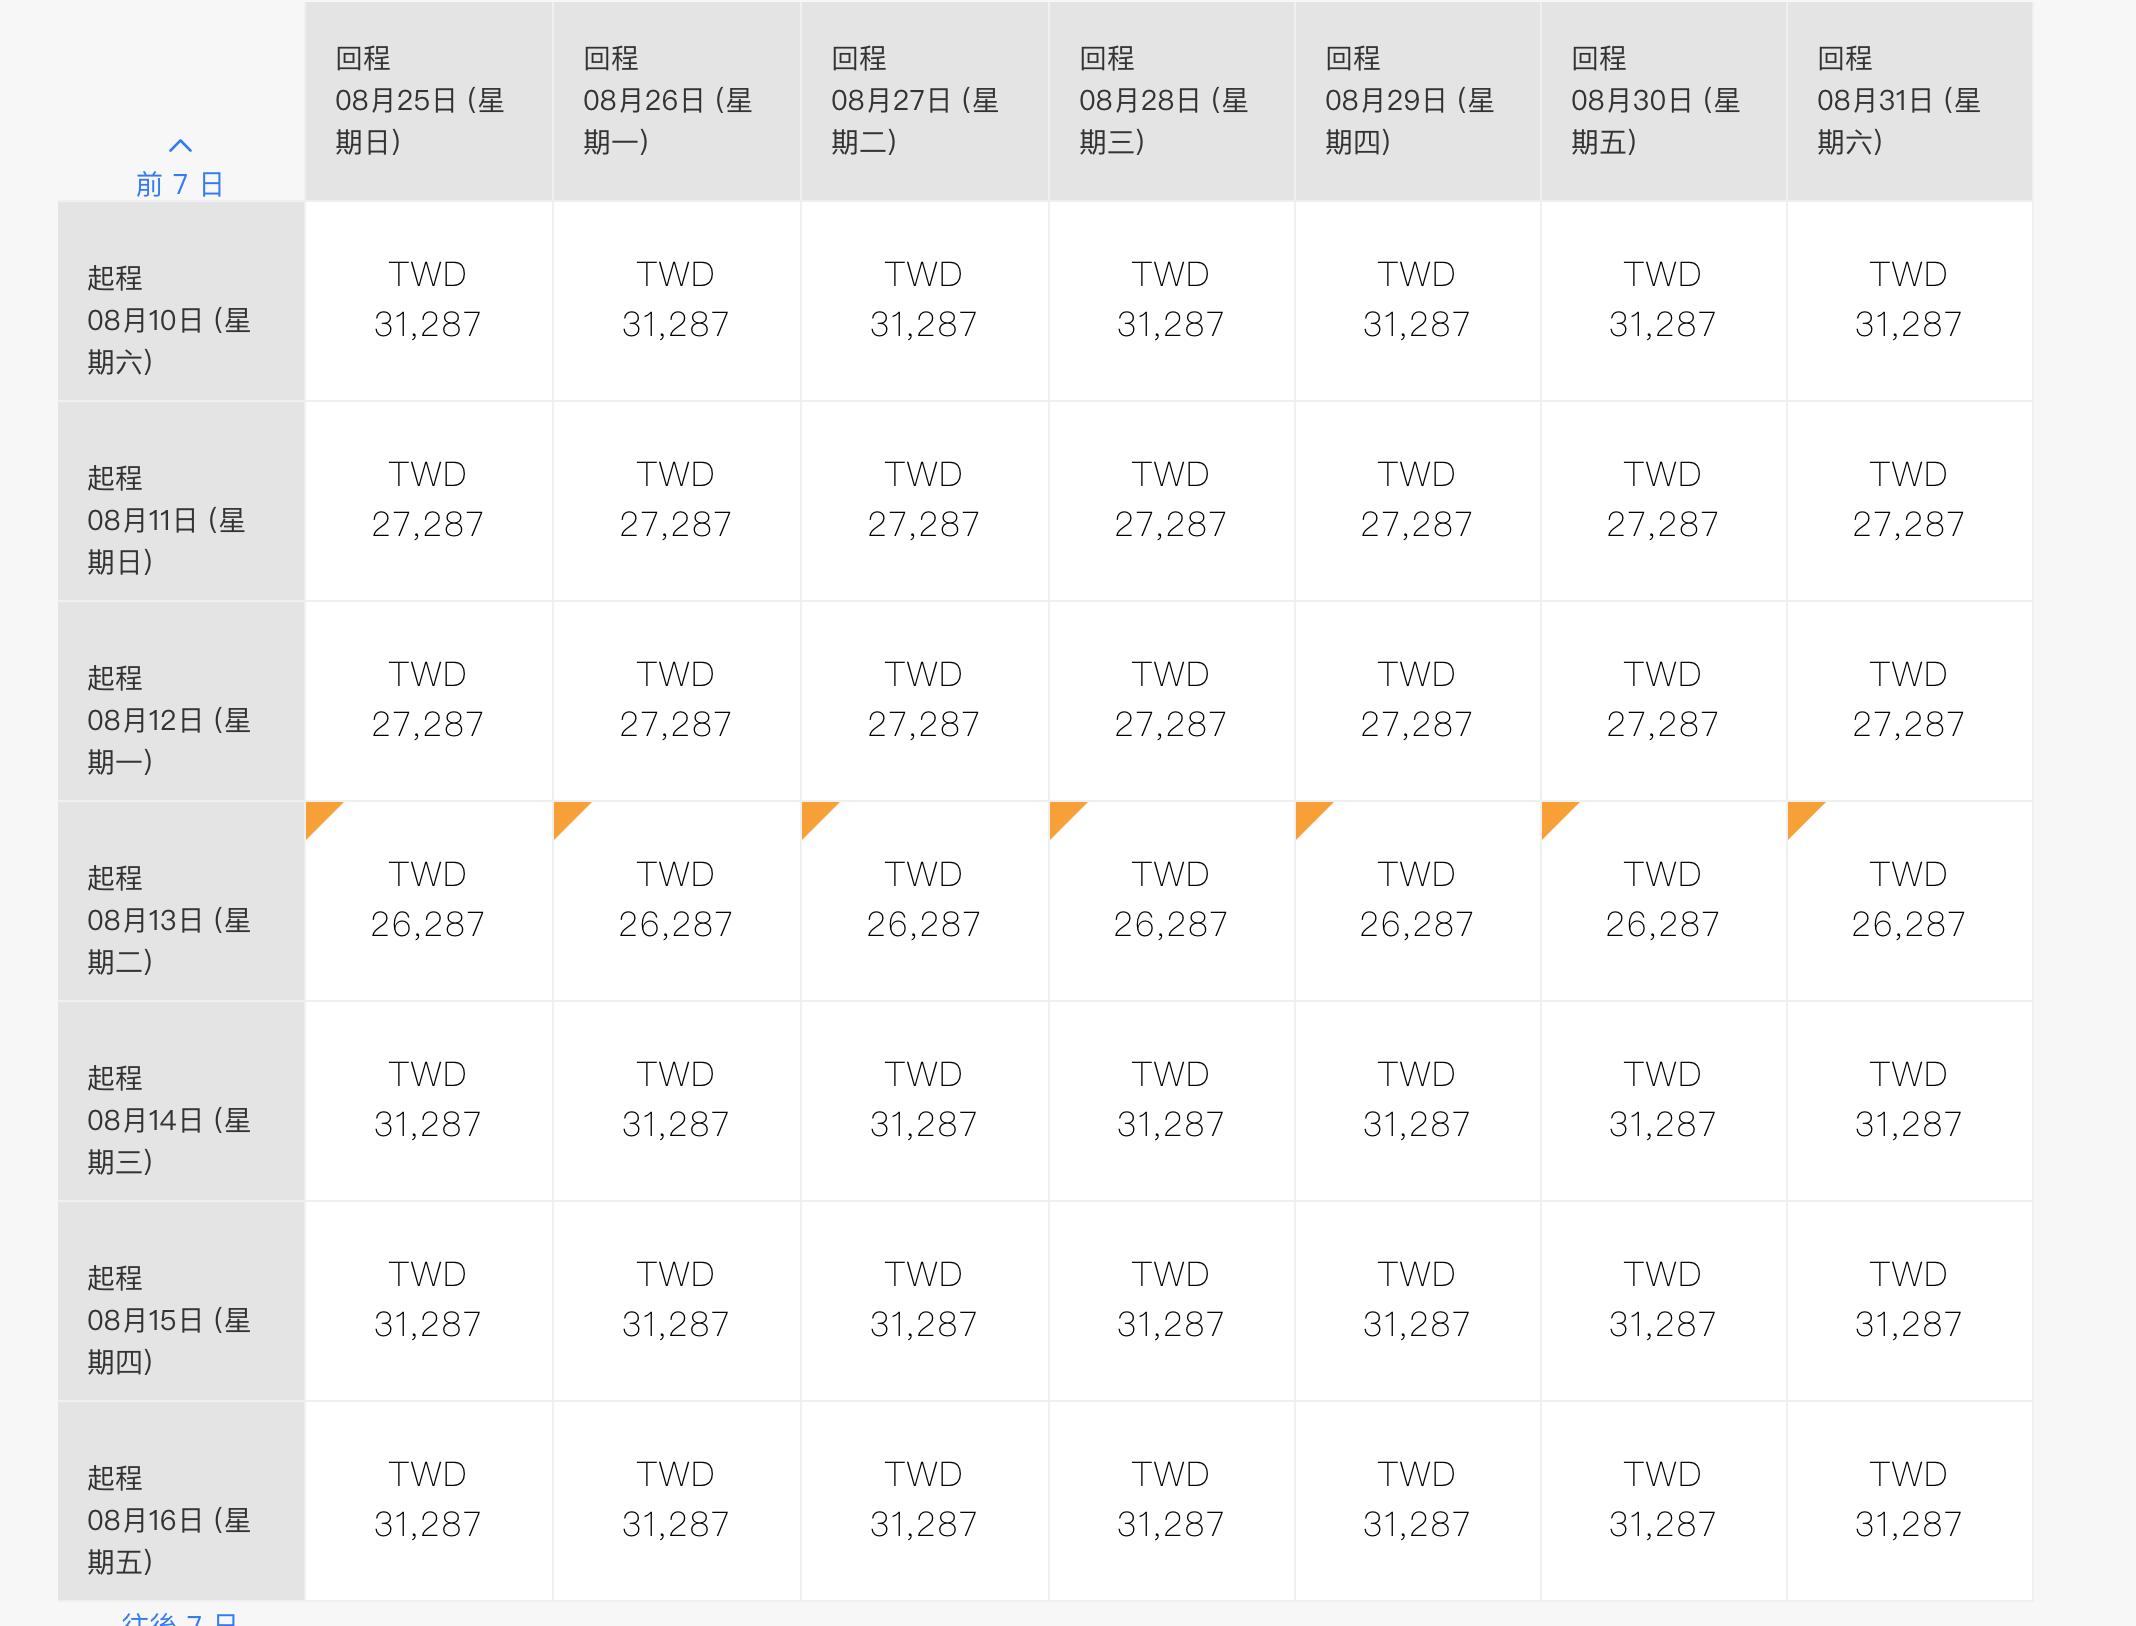 又見新加坡航空暑假7~8月特價,台北出發中轉新加坡,AMS 25K起~(查票:107.11.6) @走走停停,小燈泡在旅行